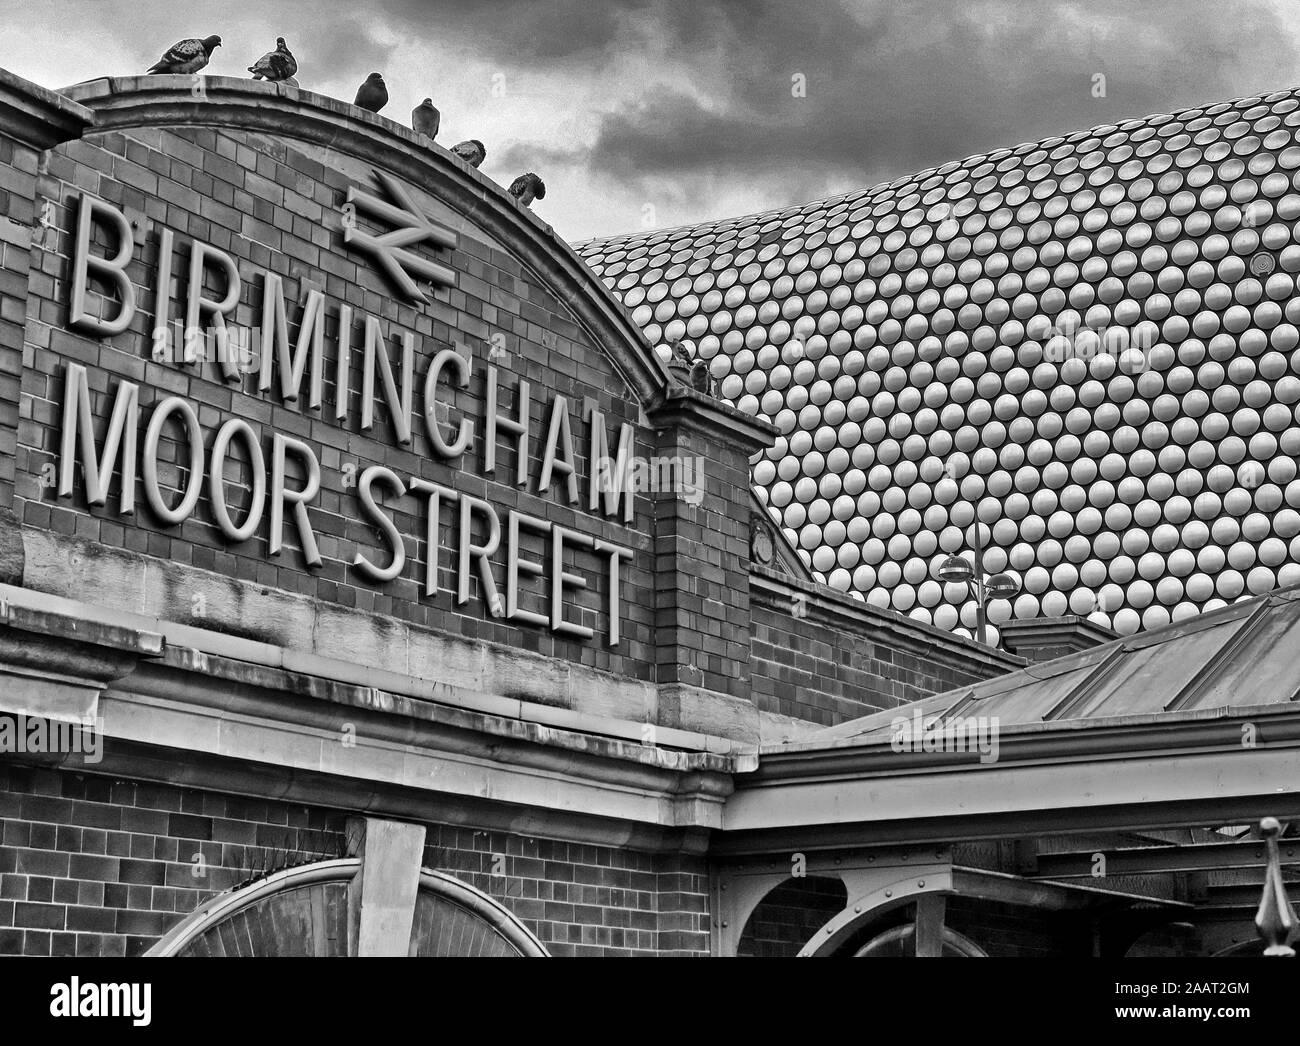 HotpixUk,@HotpixUK,GoTonySmith,UK,England,English,BMO,GWR,City Centre,West Midlands,Historic,transport,architecture,shopping,area,Bull Ring,Selfridges,retail,modern,BW,Black and White,black,white